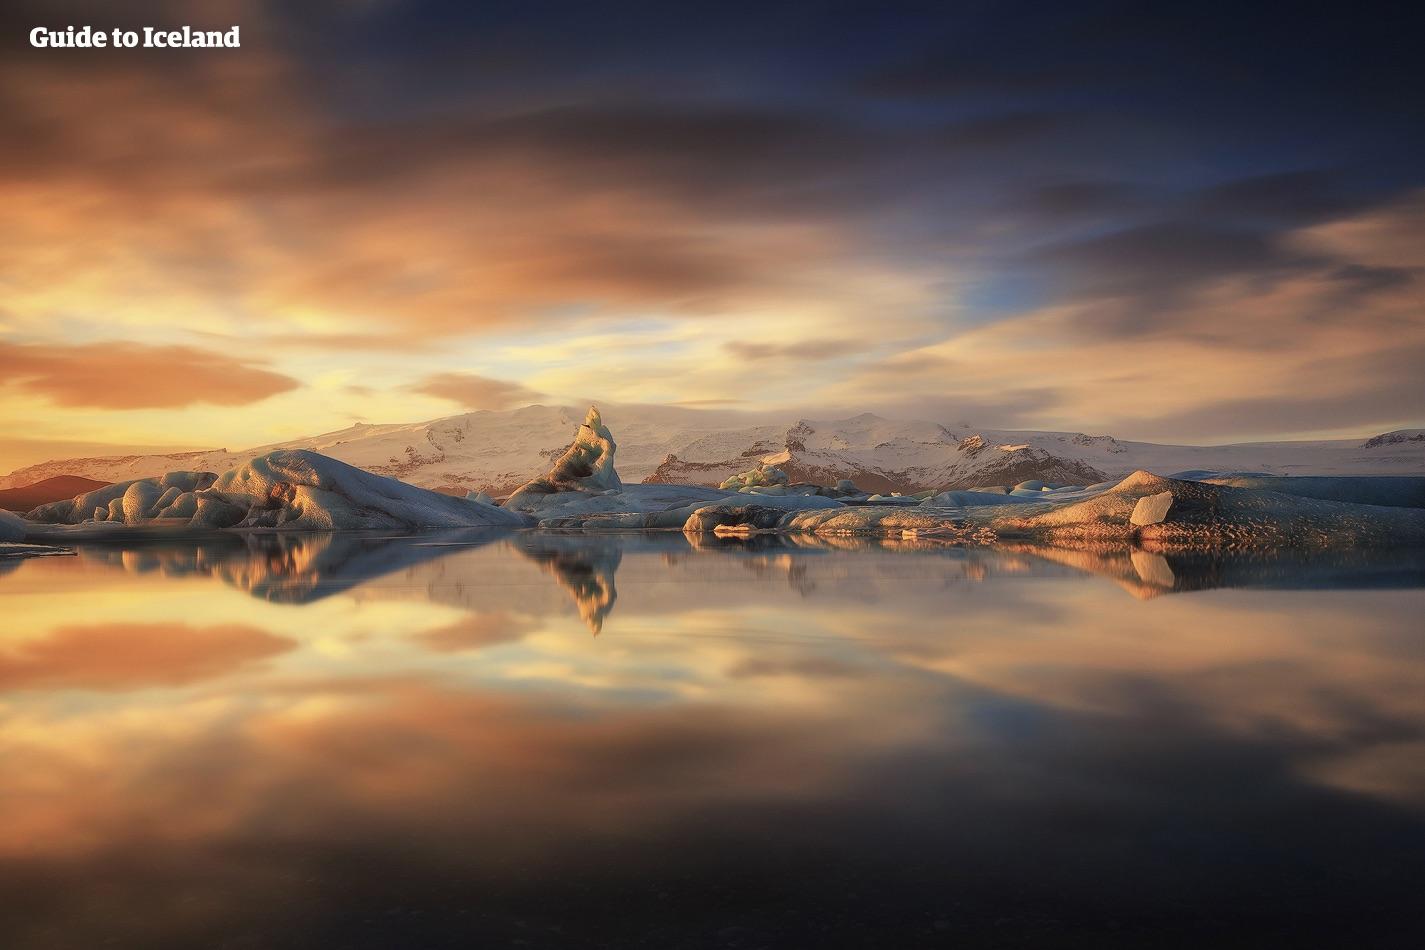 Ze względu na swoje ogromne piękno laguna lodowcowa Jökulsárlón jest jednym z najpopularniejszych miejsc turystycznych na Islandii.